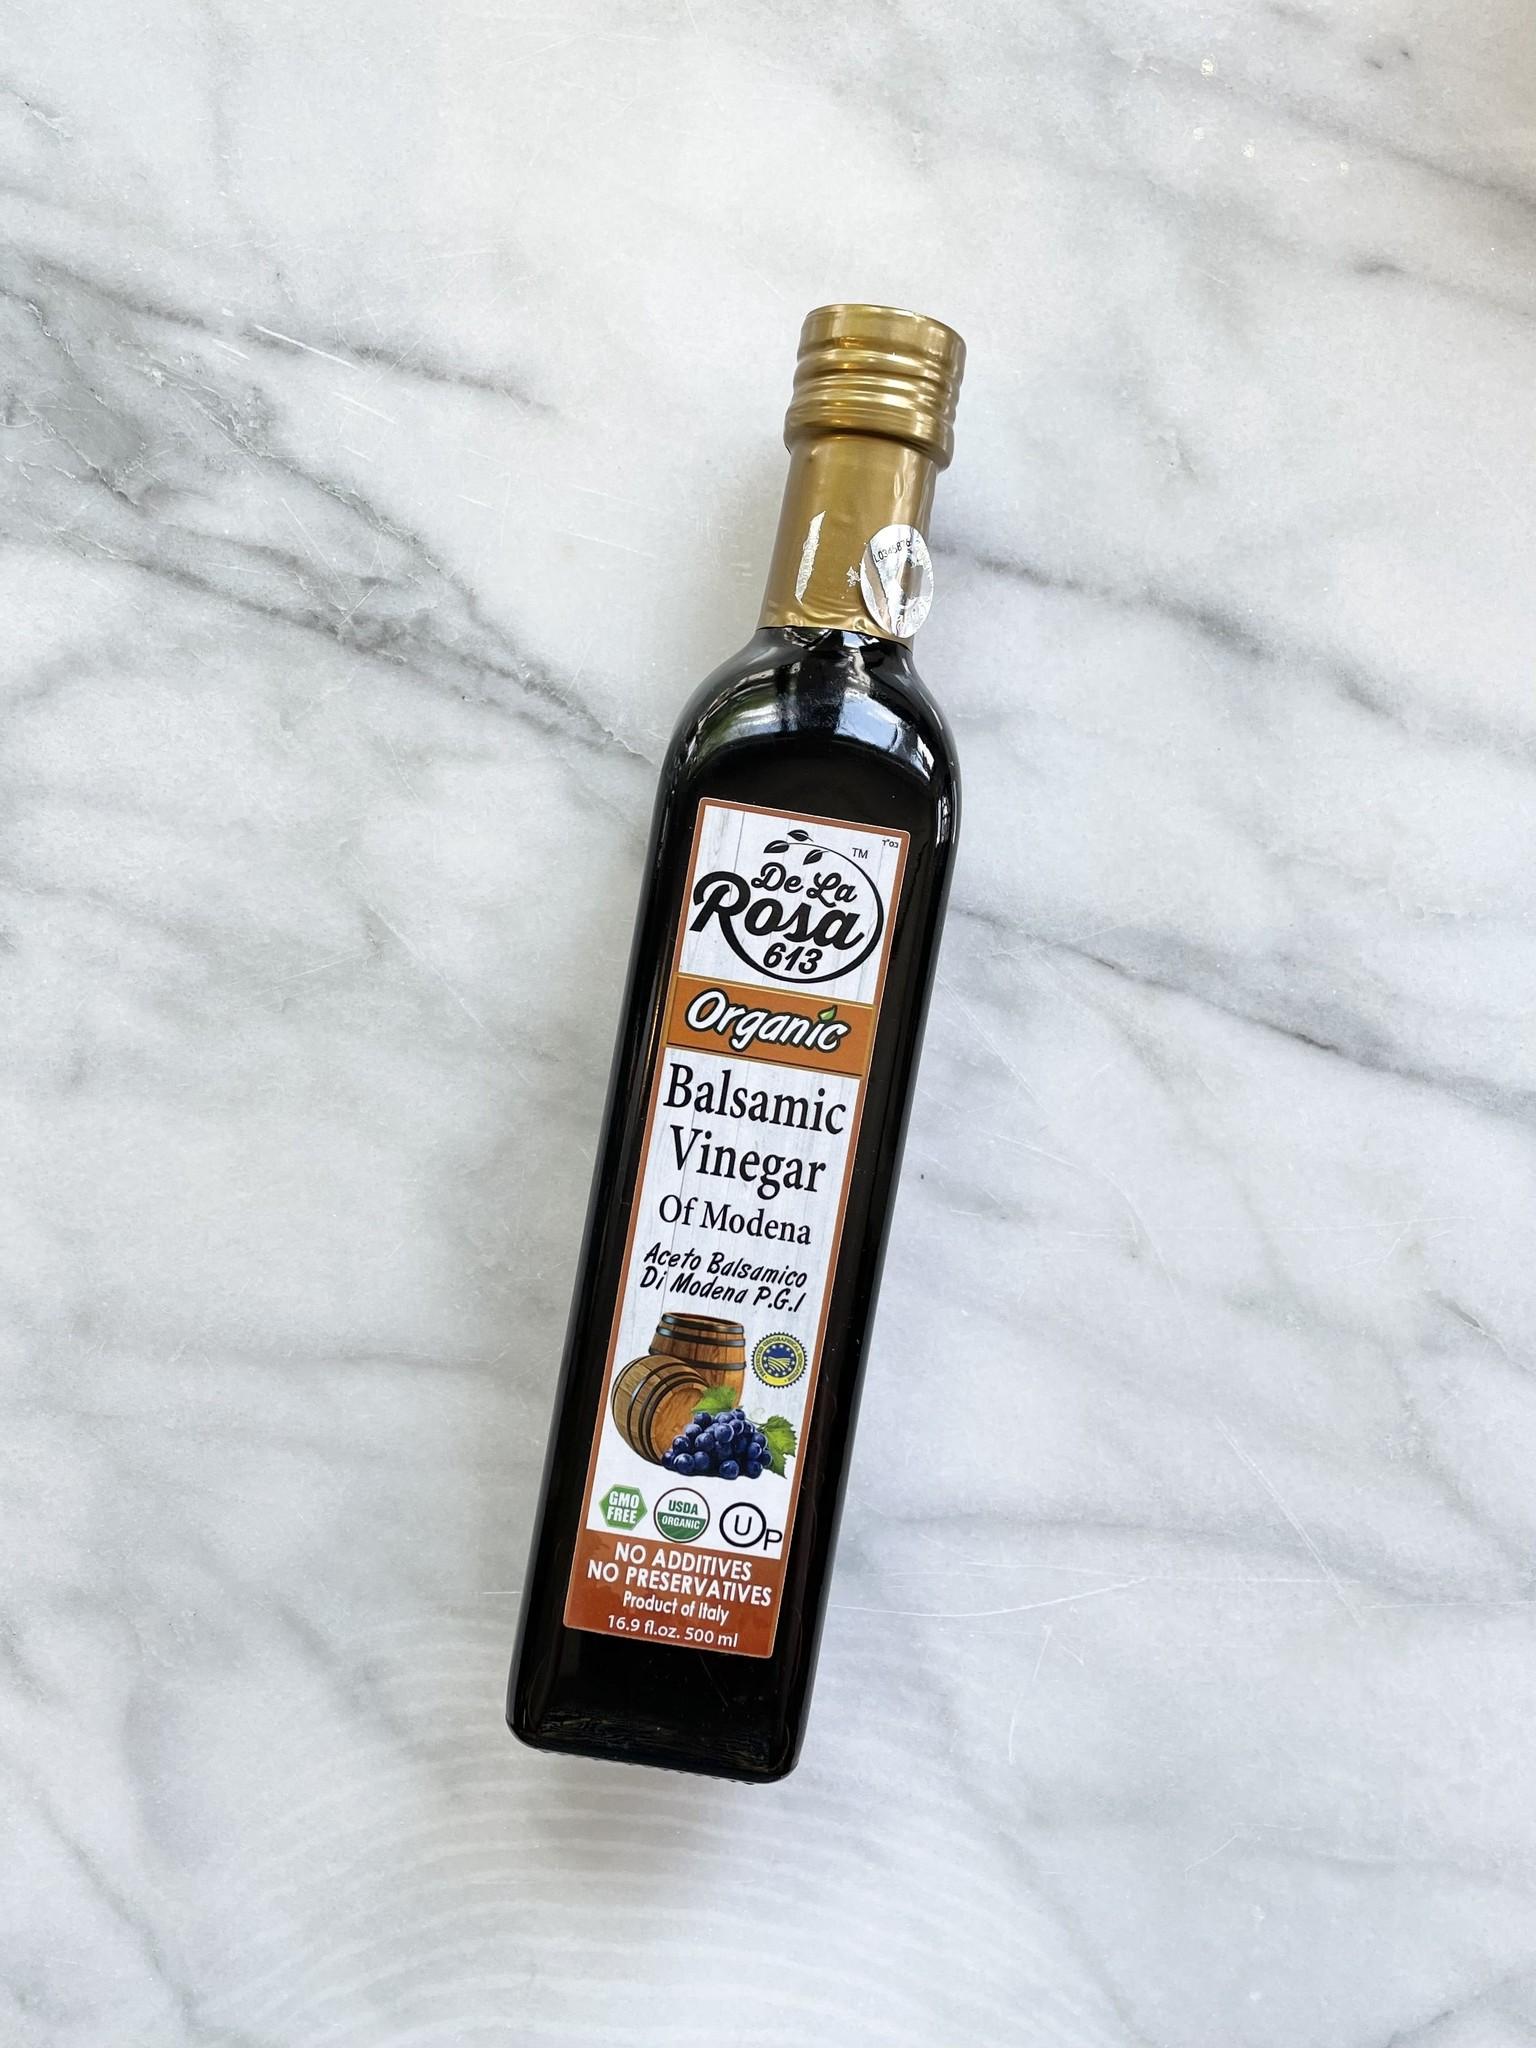 De La Rosa Organic Balsamic Vinegar, 16 oz.-1